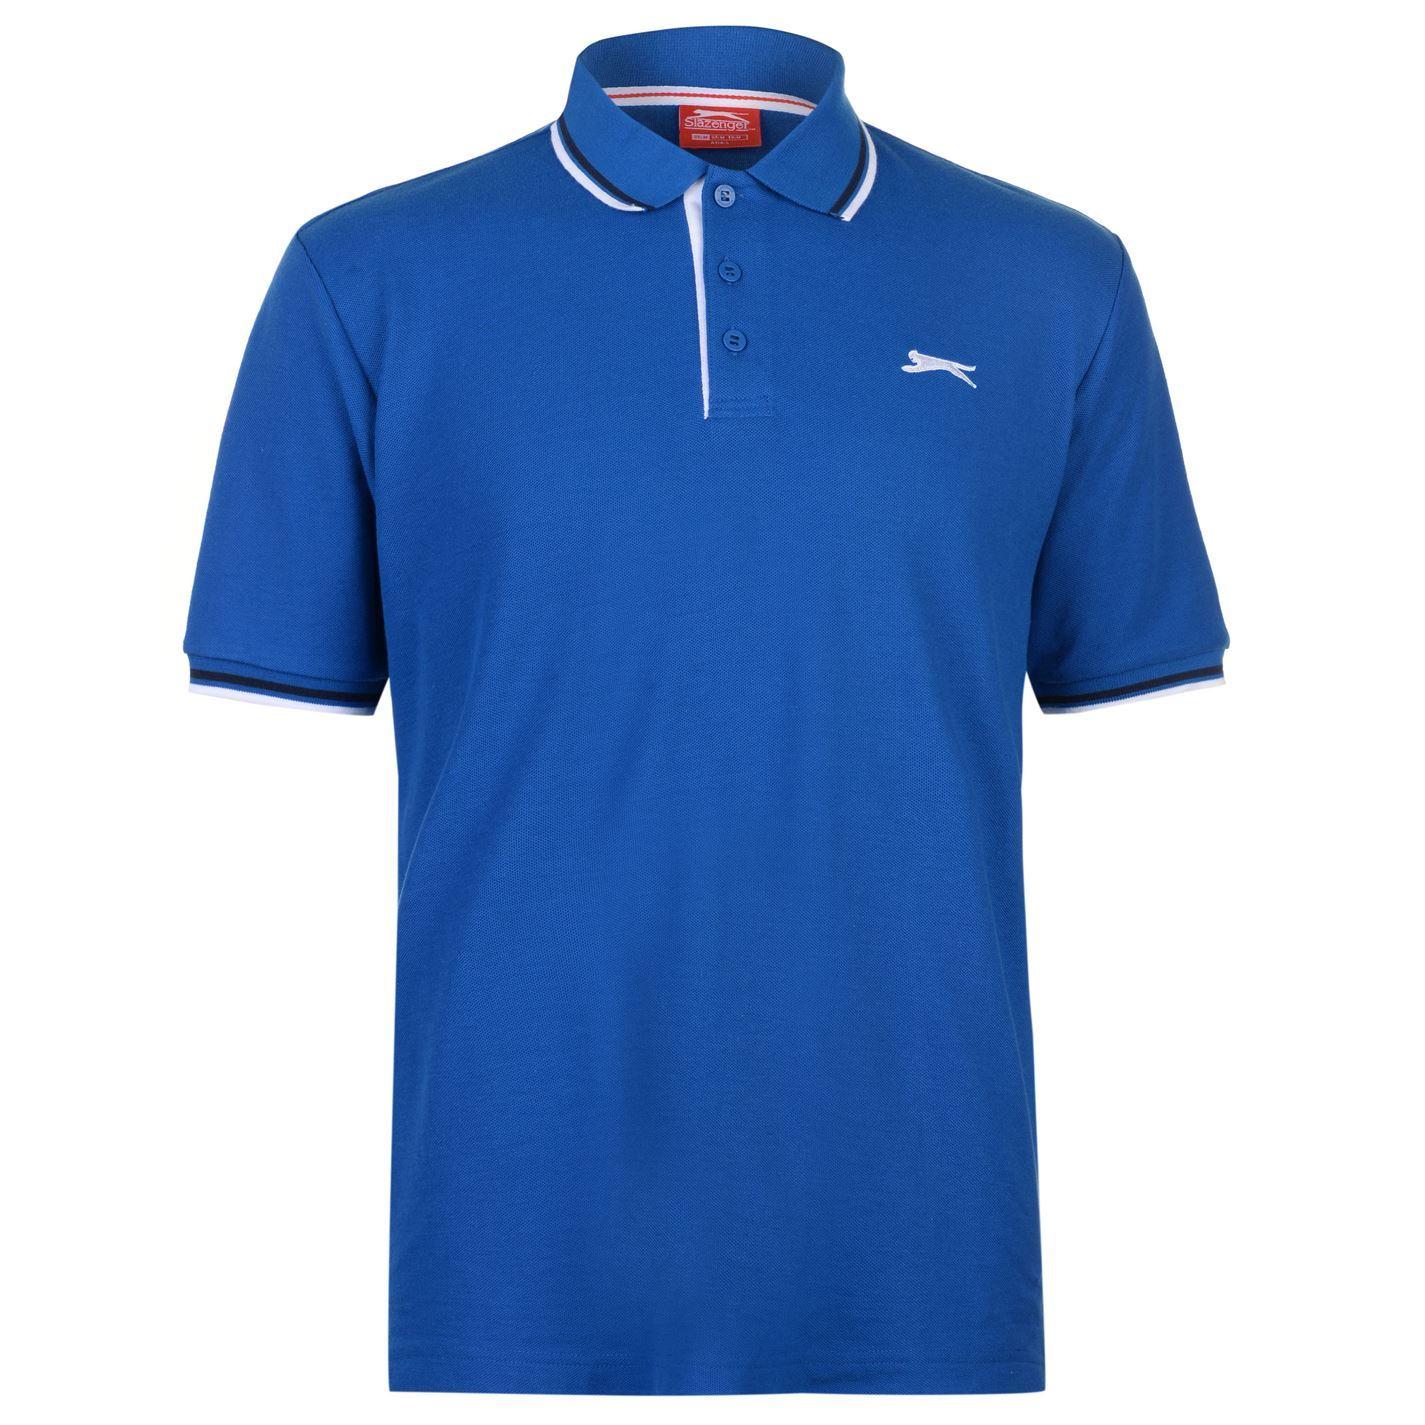 Slazenger-Polo-Camisa-de-hombre-con-cuello-con-Punta-T-Shirt-Top-Camiseta-Tee miniatura 13